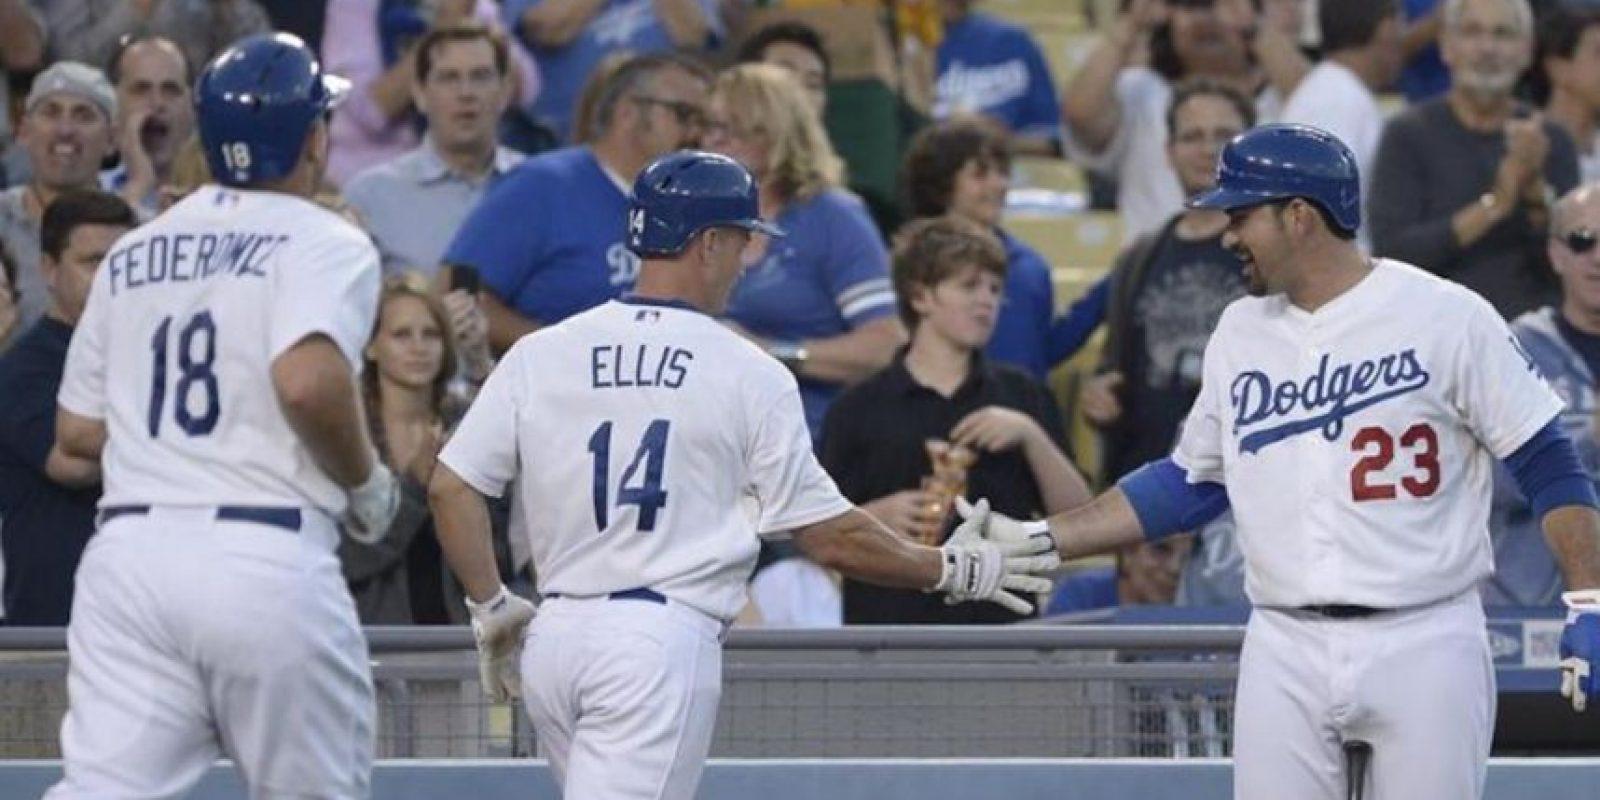 El jugador de los Dodgers A.J. Ellis (c) es felicitado por sus compañeros Adrián González (d) y Tim Federowicz (i) tras batear un cuadrangular de dos carreras este miércoles 25 de junio de 2013, durante un juego de la MLB en el estadio Dodger de Los Ángeles, California (EE.UU.). EFE